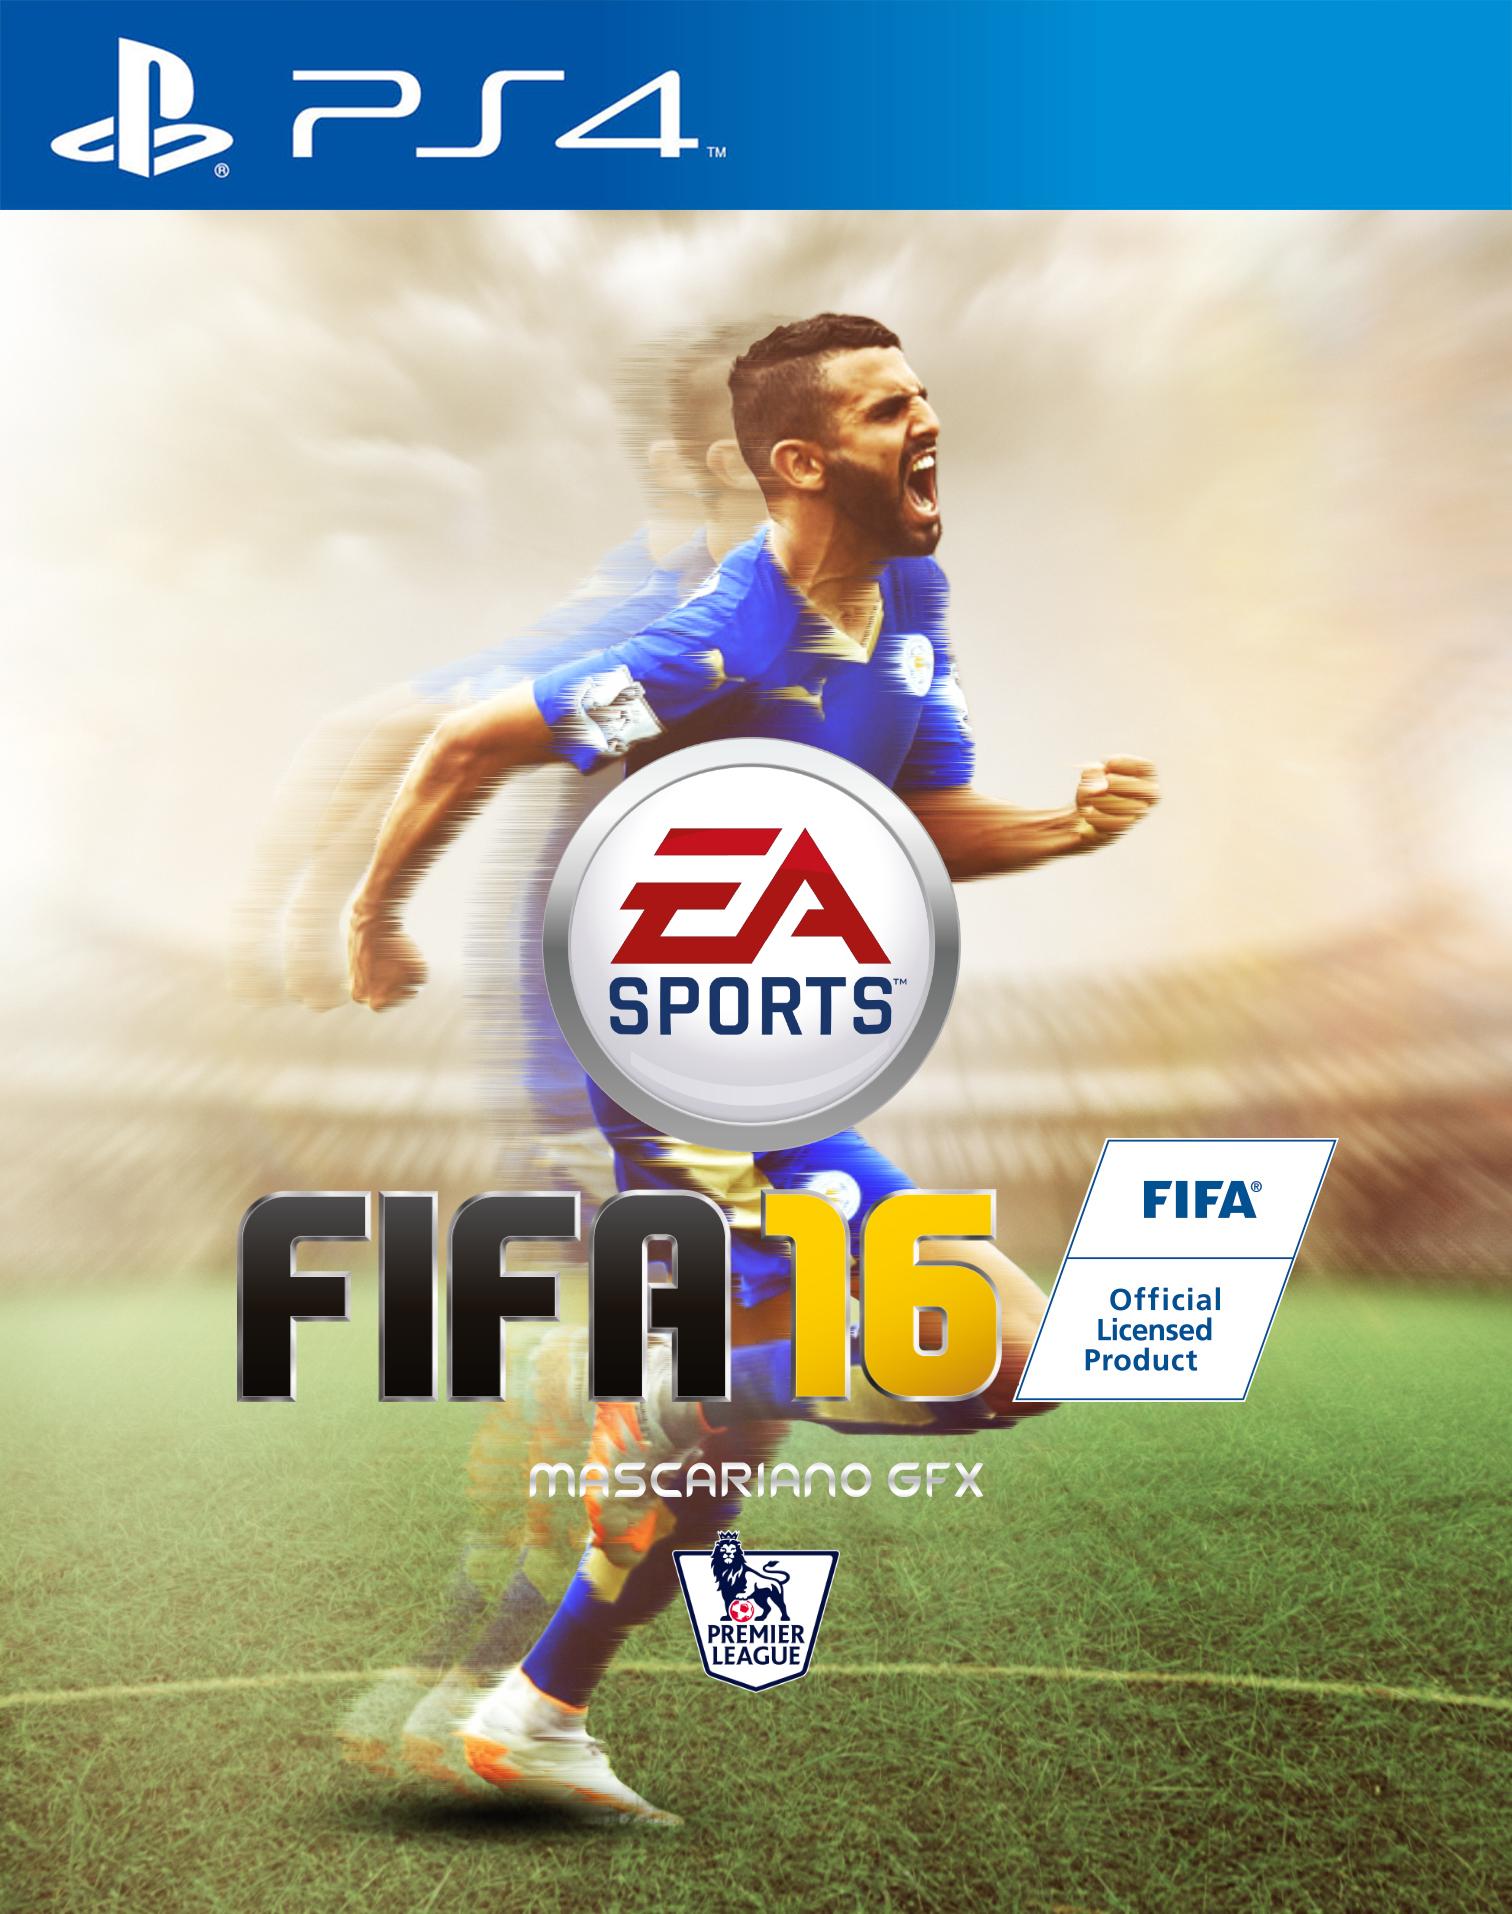 FIFA 16 Cover Riyad Mahrez by Mascariano